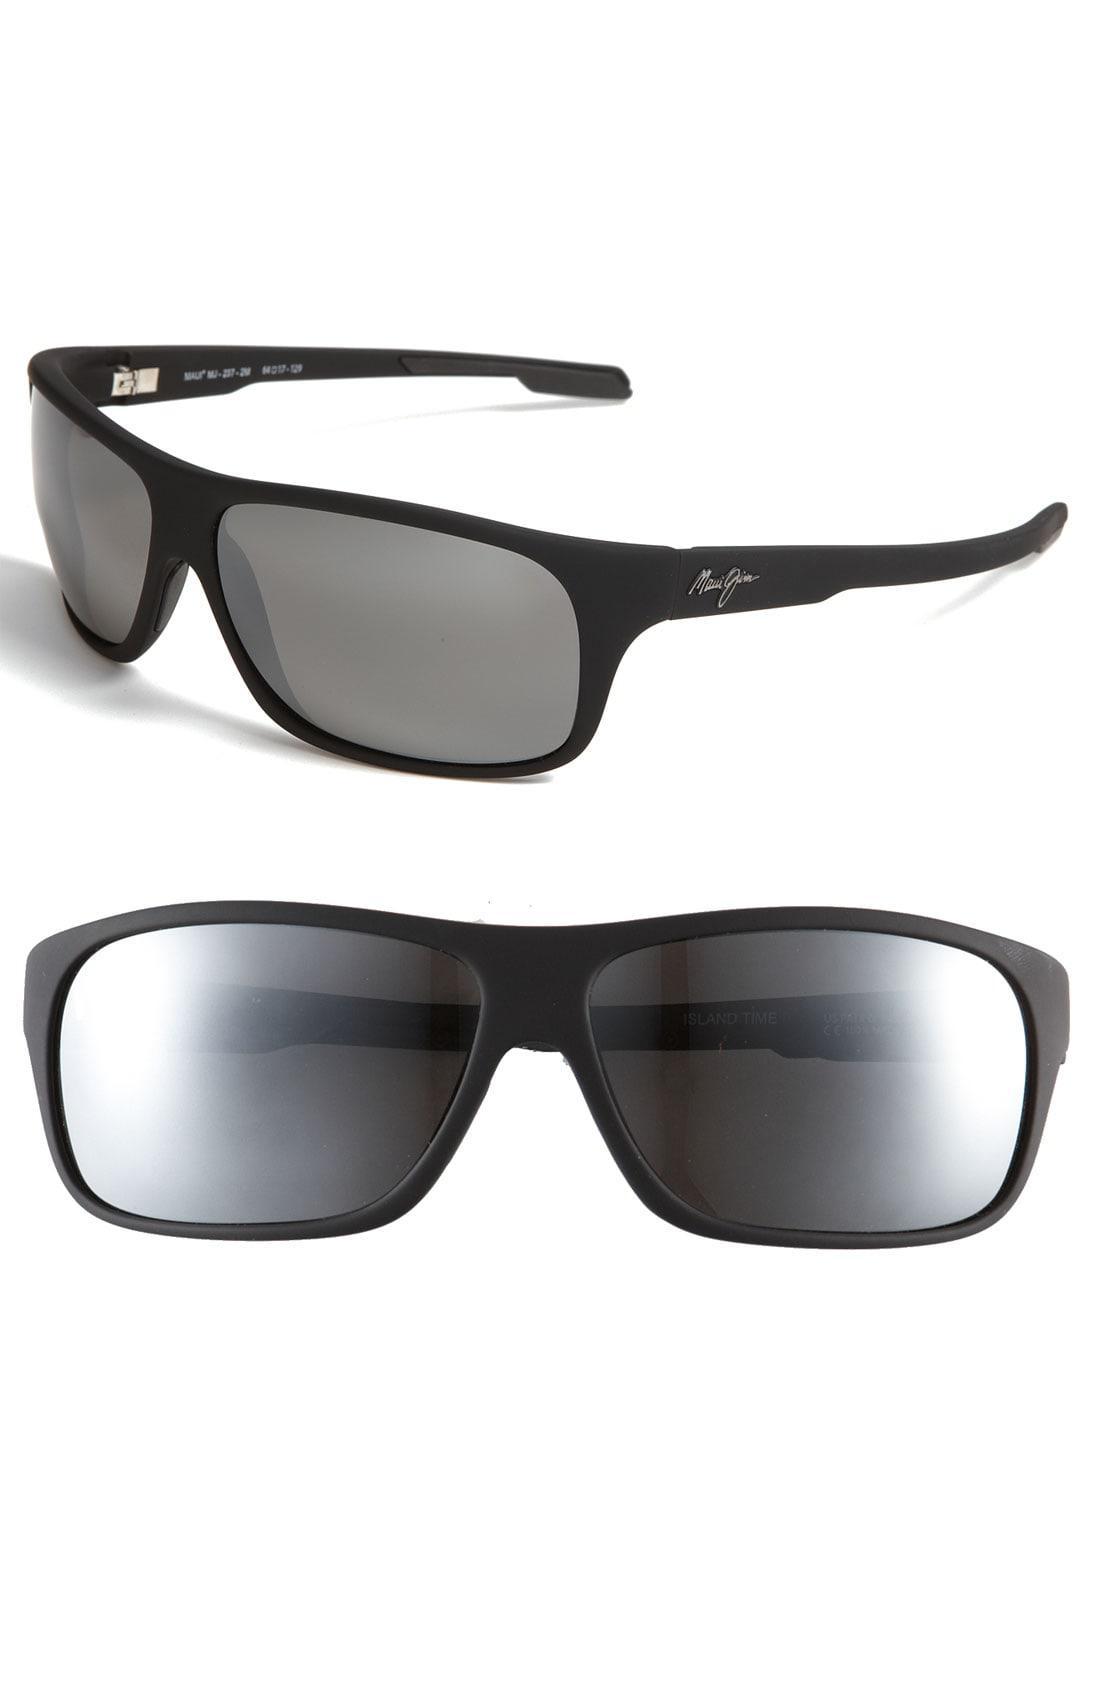 3e8953aec86 Maui Jim. Men s Black  island Time - Polarizedplus  Rectangle Wrap 64mm  Sunglasses